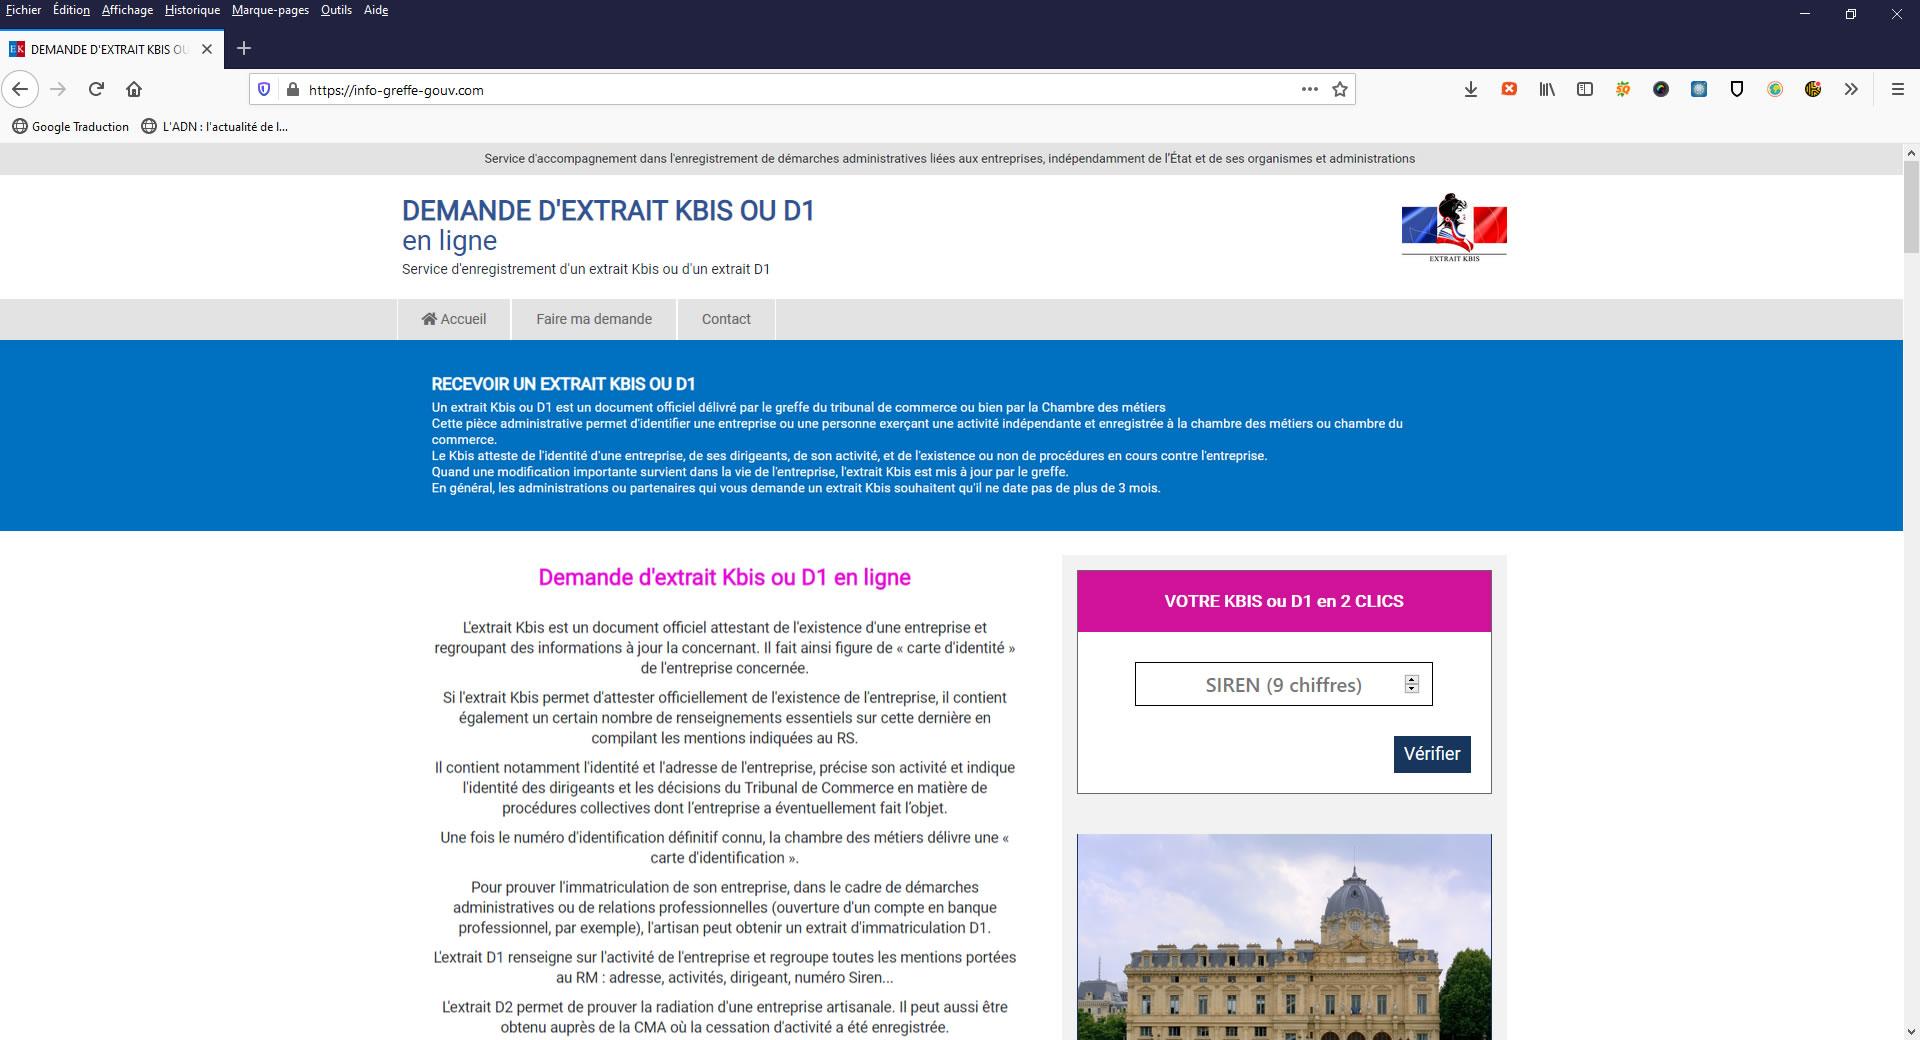 L'importance stratégique des noms de domaine du service Public - exemples de sites non-officiels